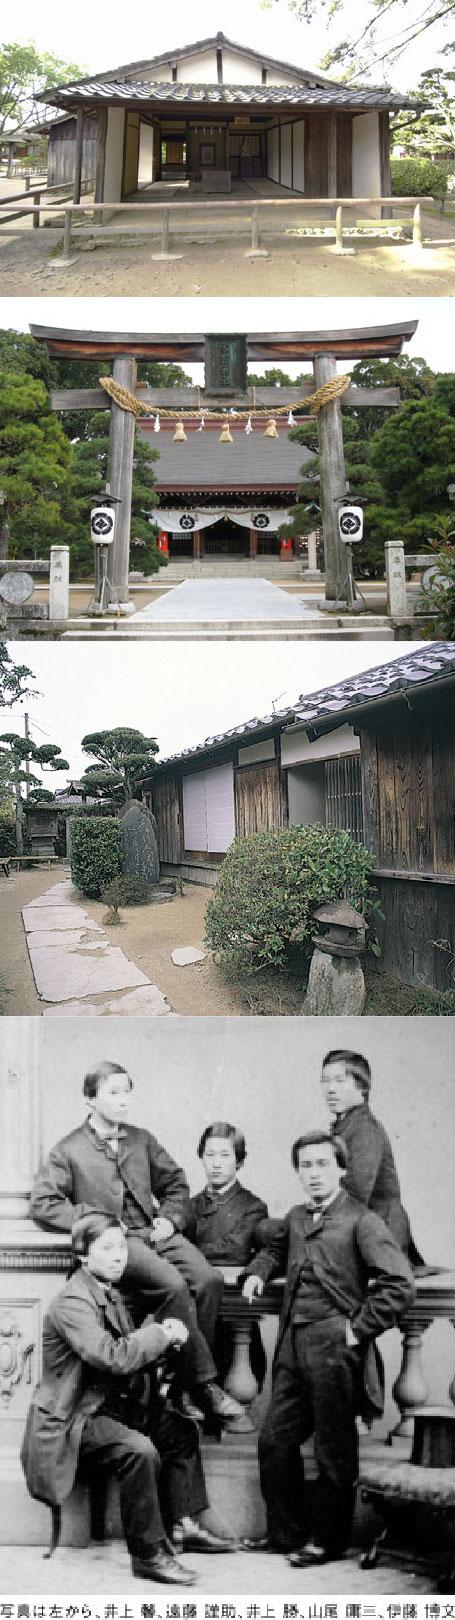 画像:長州藩の歴史と偉人